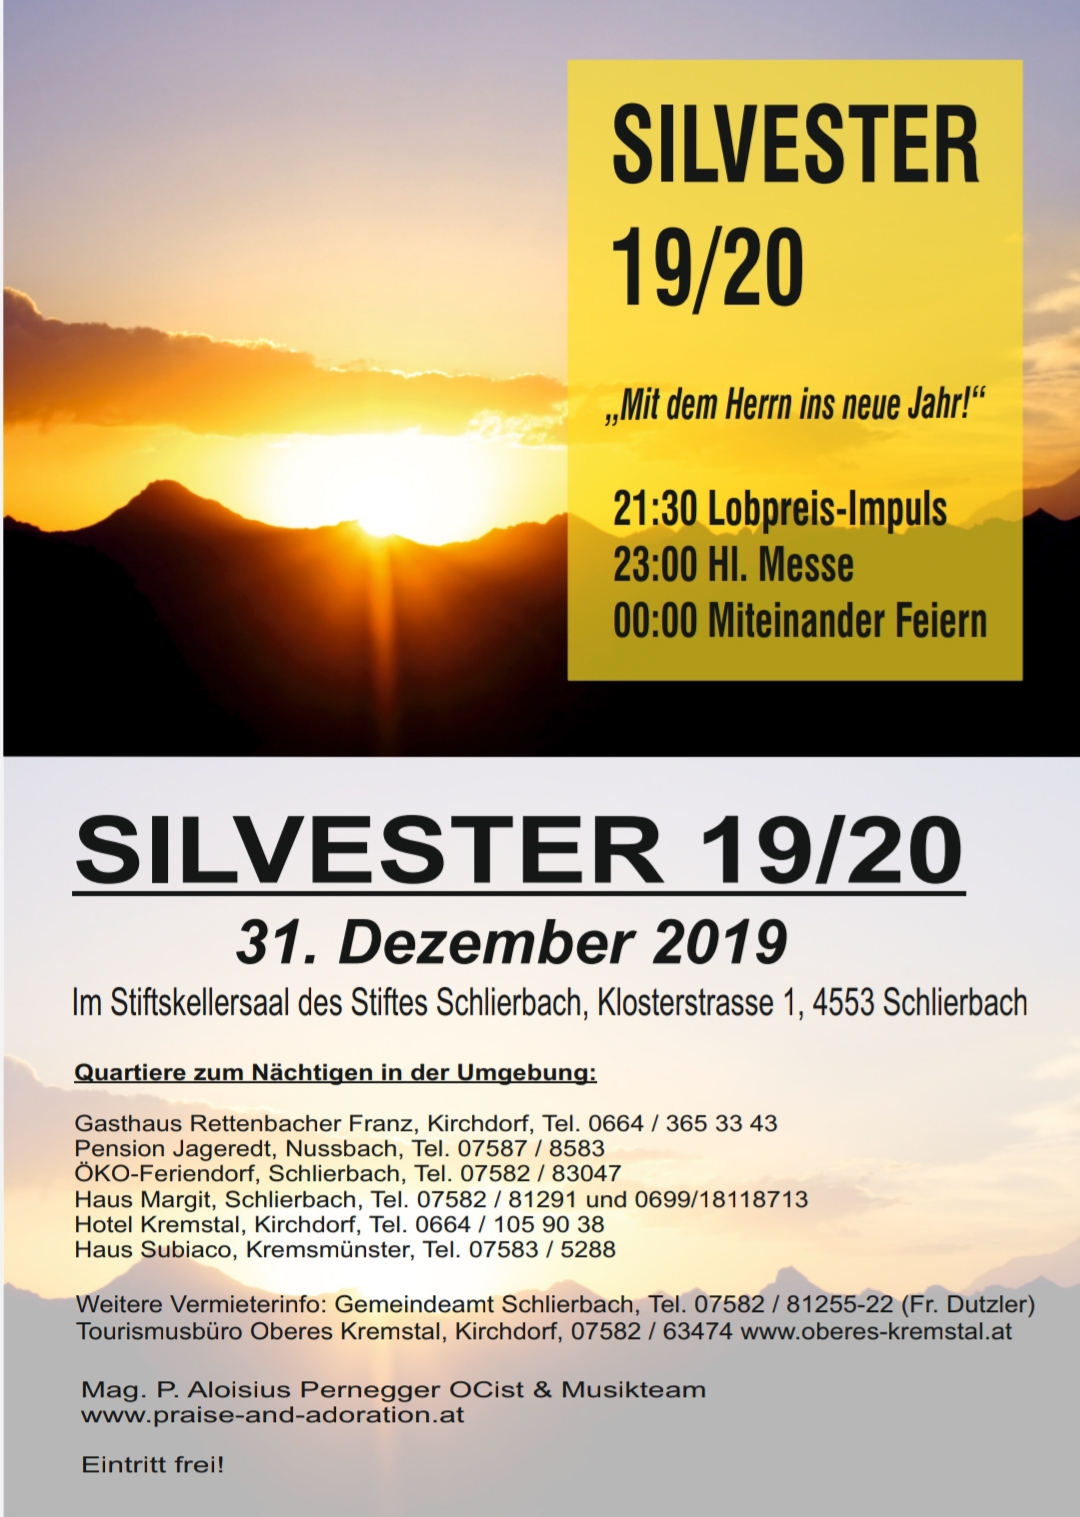 Silvester 2019 / 20